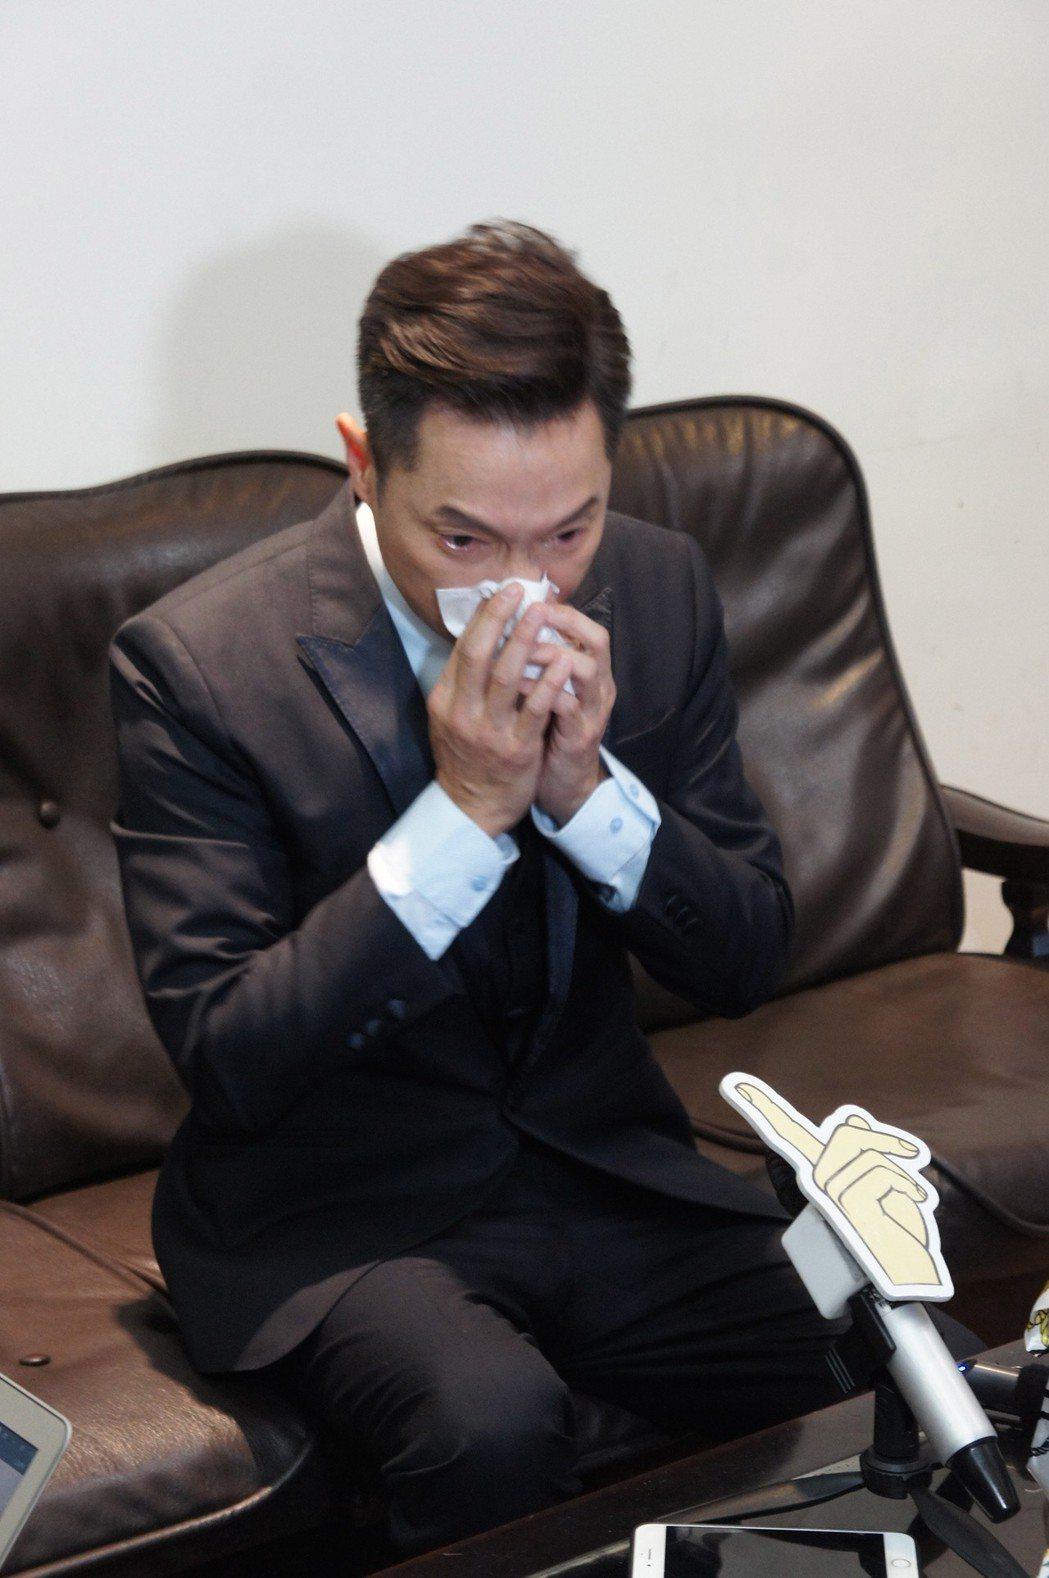 謝祖武提到媽媽失智,忍不住紅眼眶落淚。圖/台灣失智症協會提供